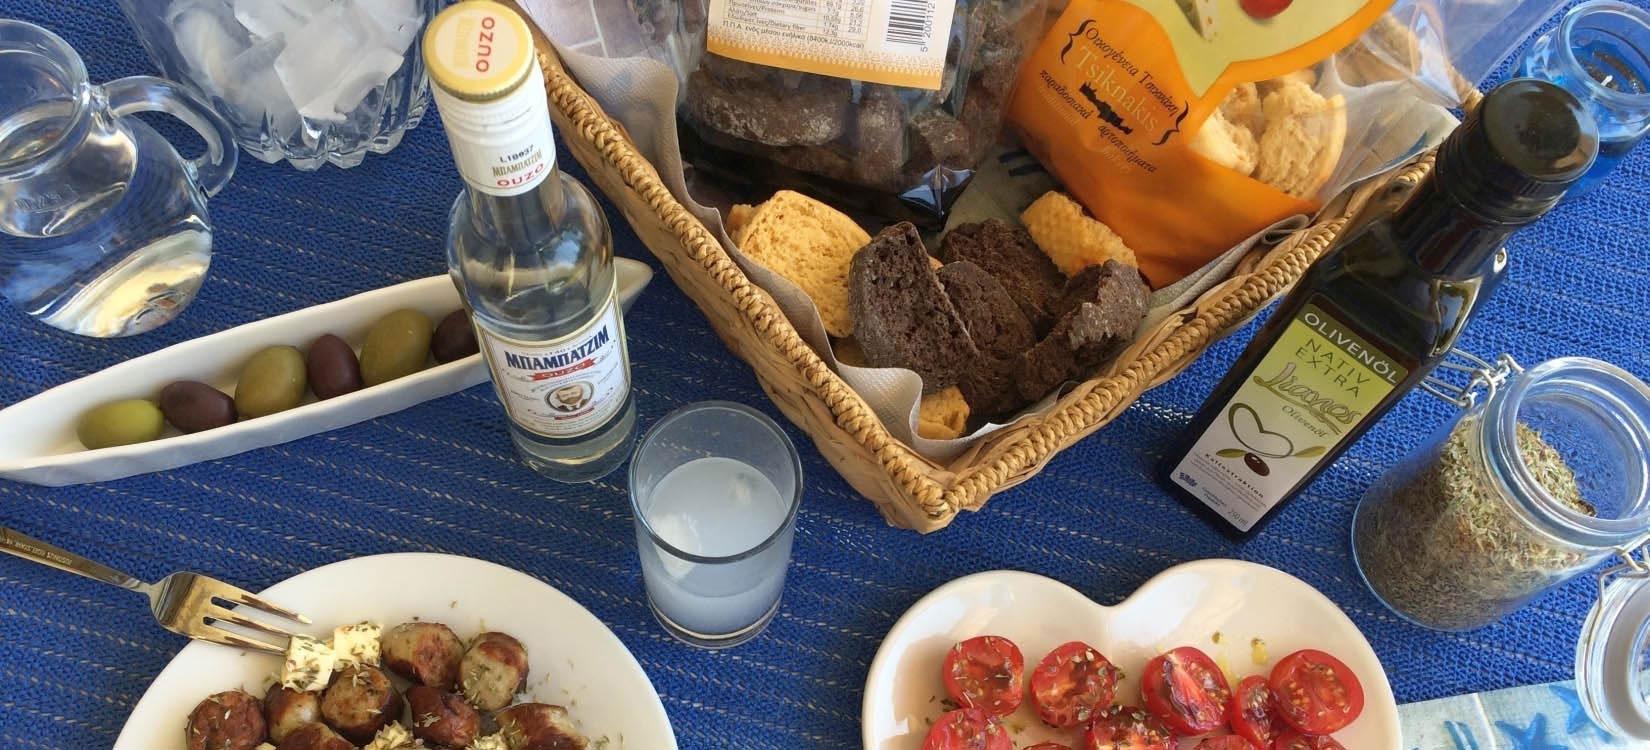 Griechische Feinkost & viel Gesundes im Genußshop entdecken & bestellen!